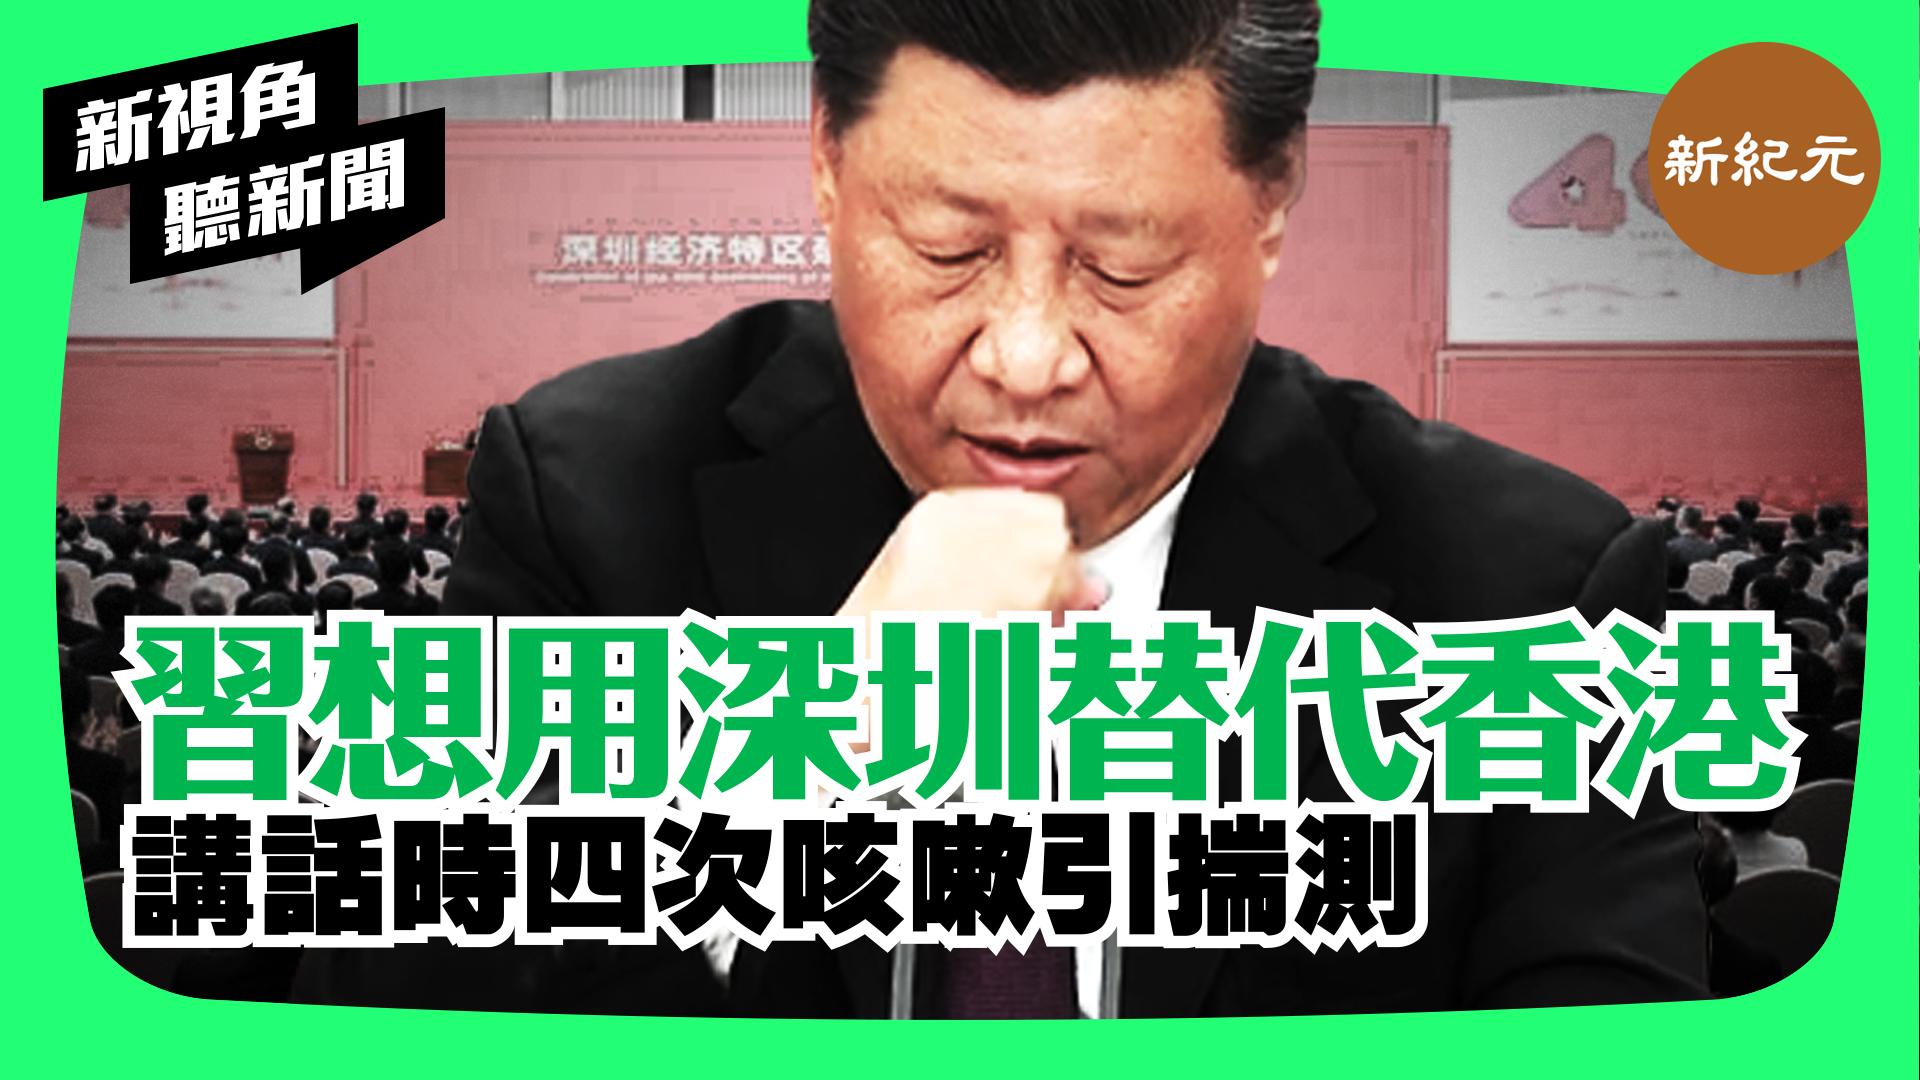 【新視角聽新聞 #5】習想用深圳替代香港 講話時四次咳嗽引揣測